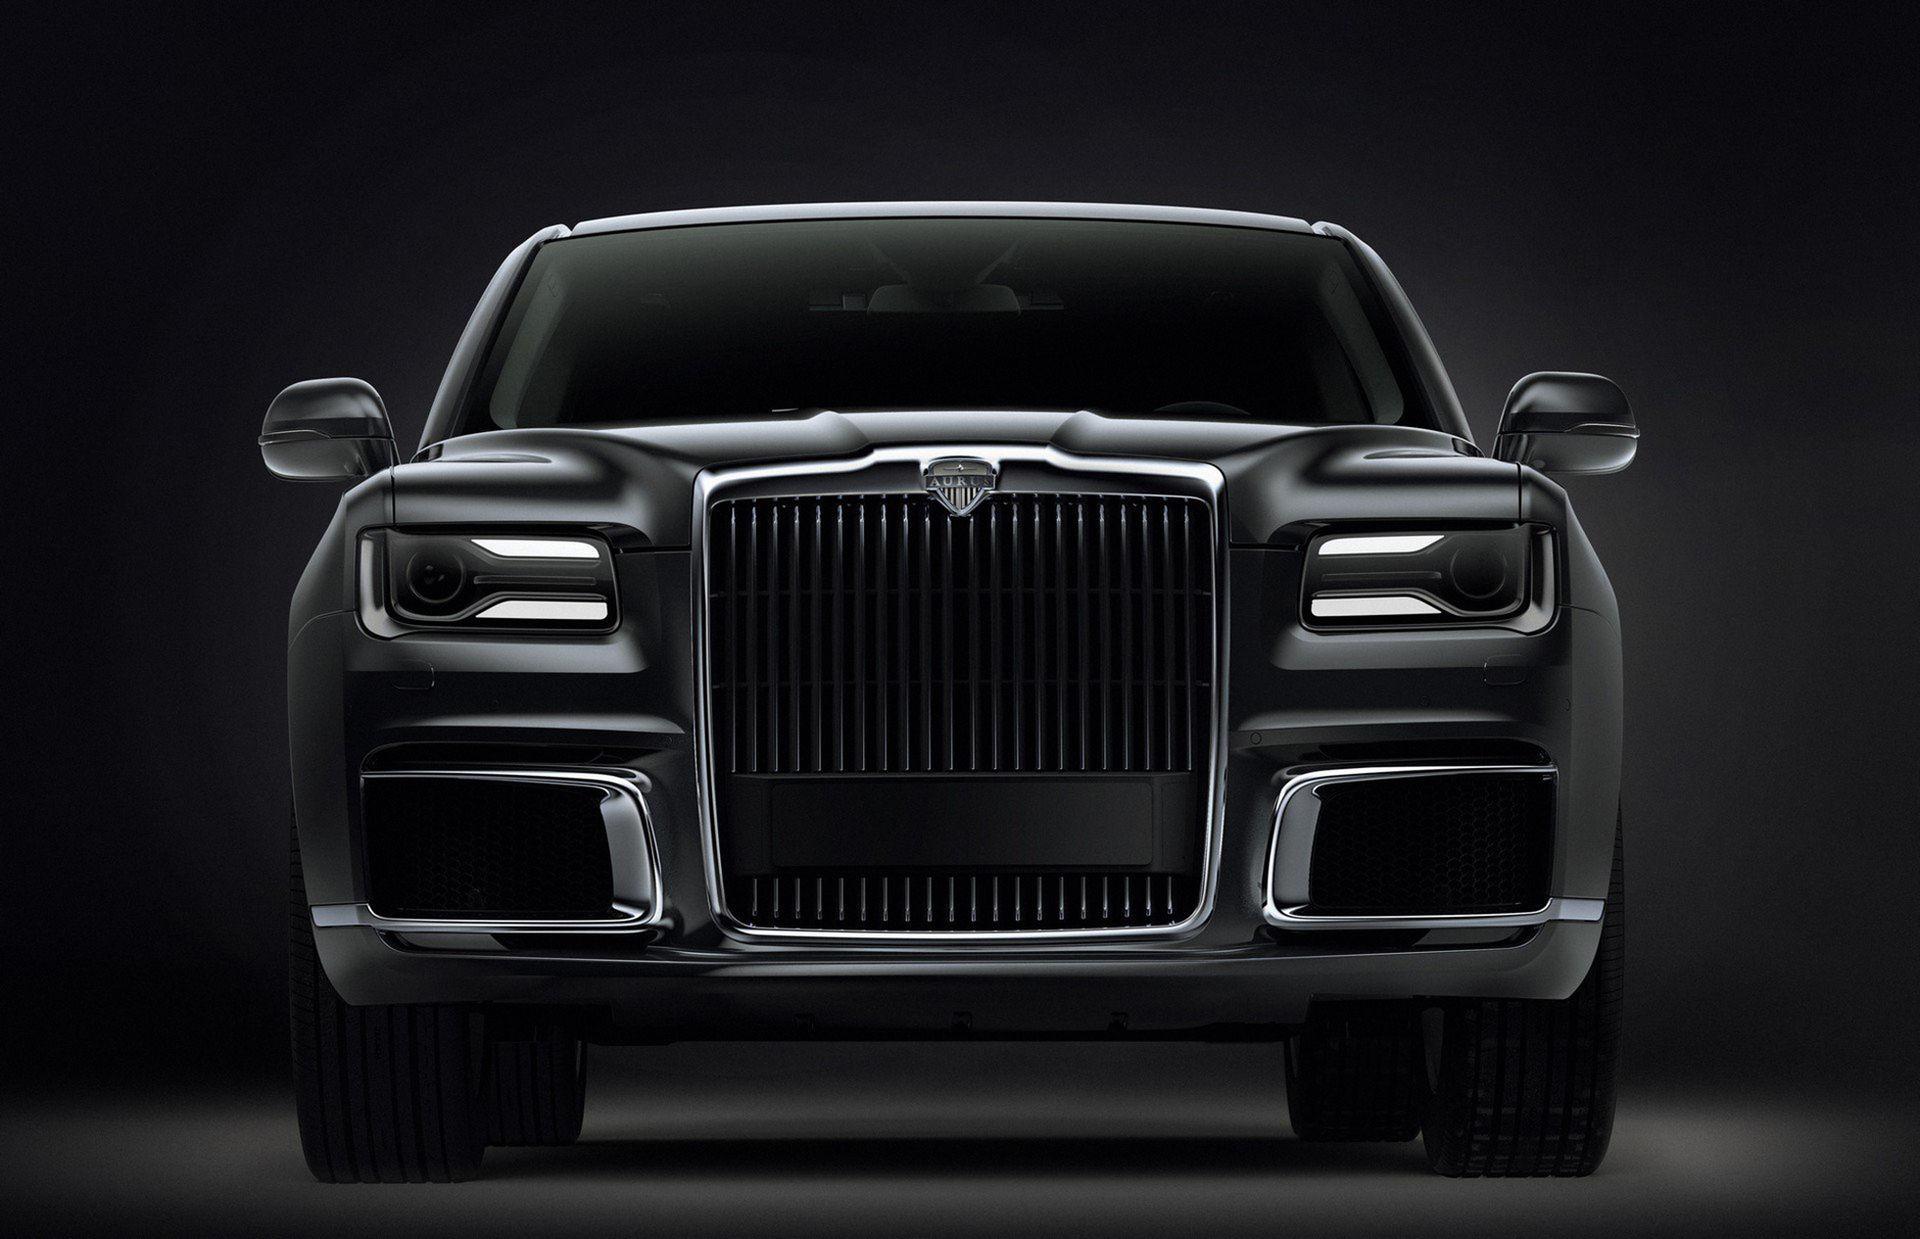 Aurus Senat är Rysslands svar på Rolls-Royce Phantom